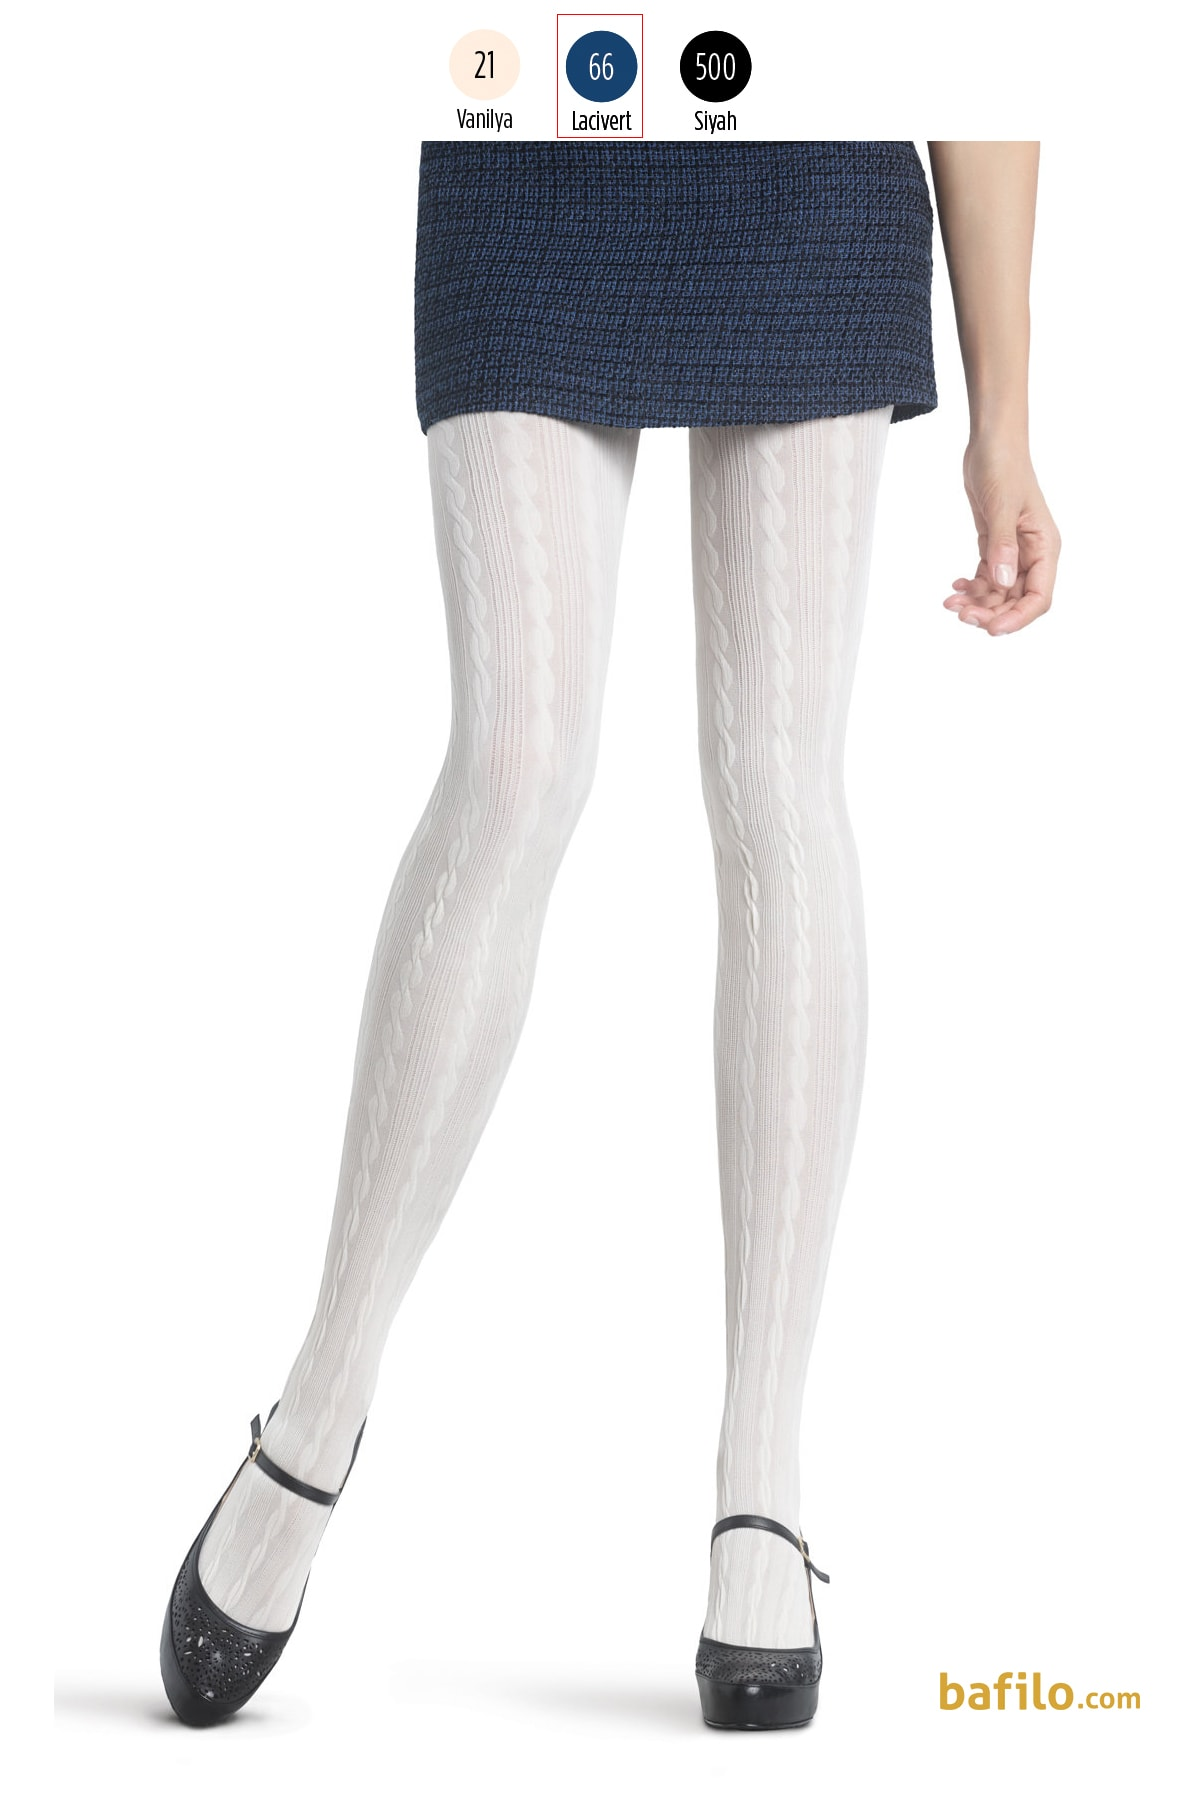 پنتی | Penti - جوراب شلواری طرح دار زنانه پنتی  Marlen سرمه ای